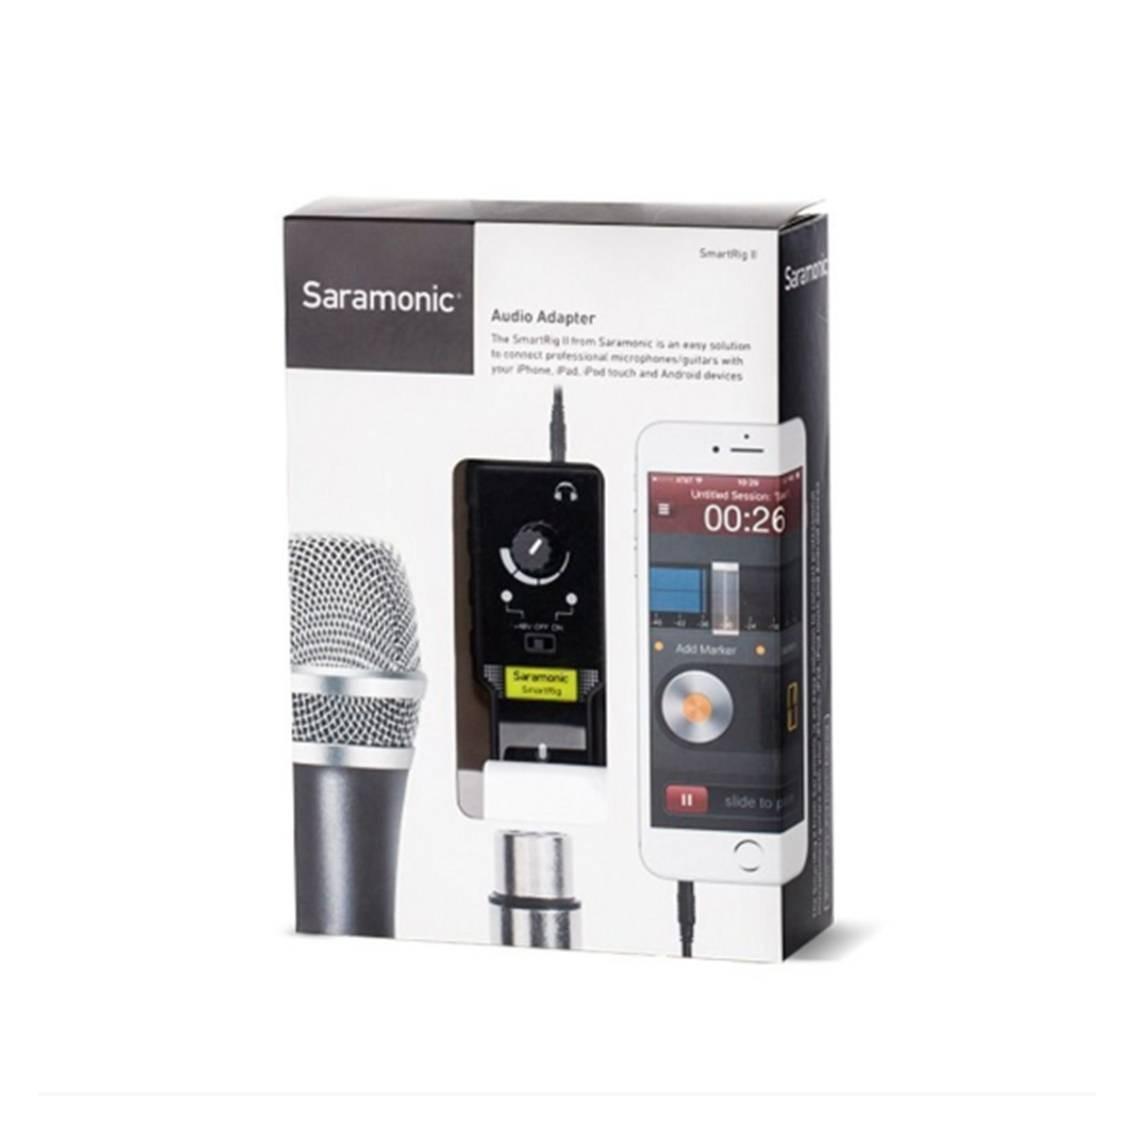 Foto4 - Mixer de Áudio para Smartfone Saramonic SmartRig II